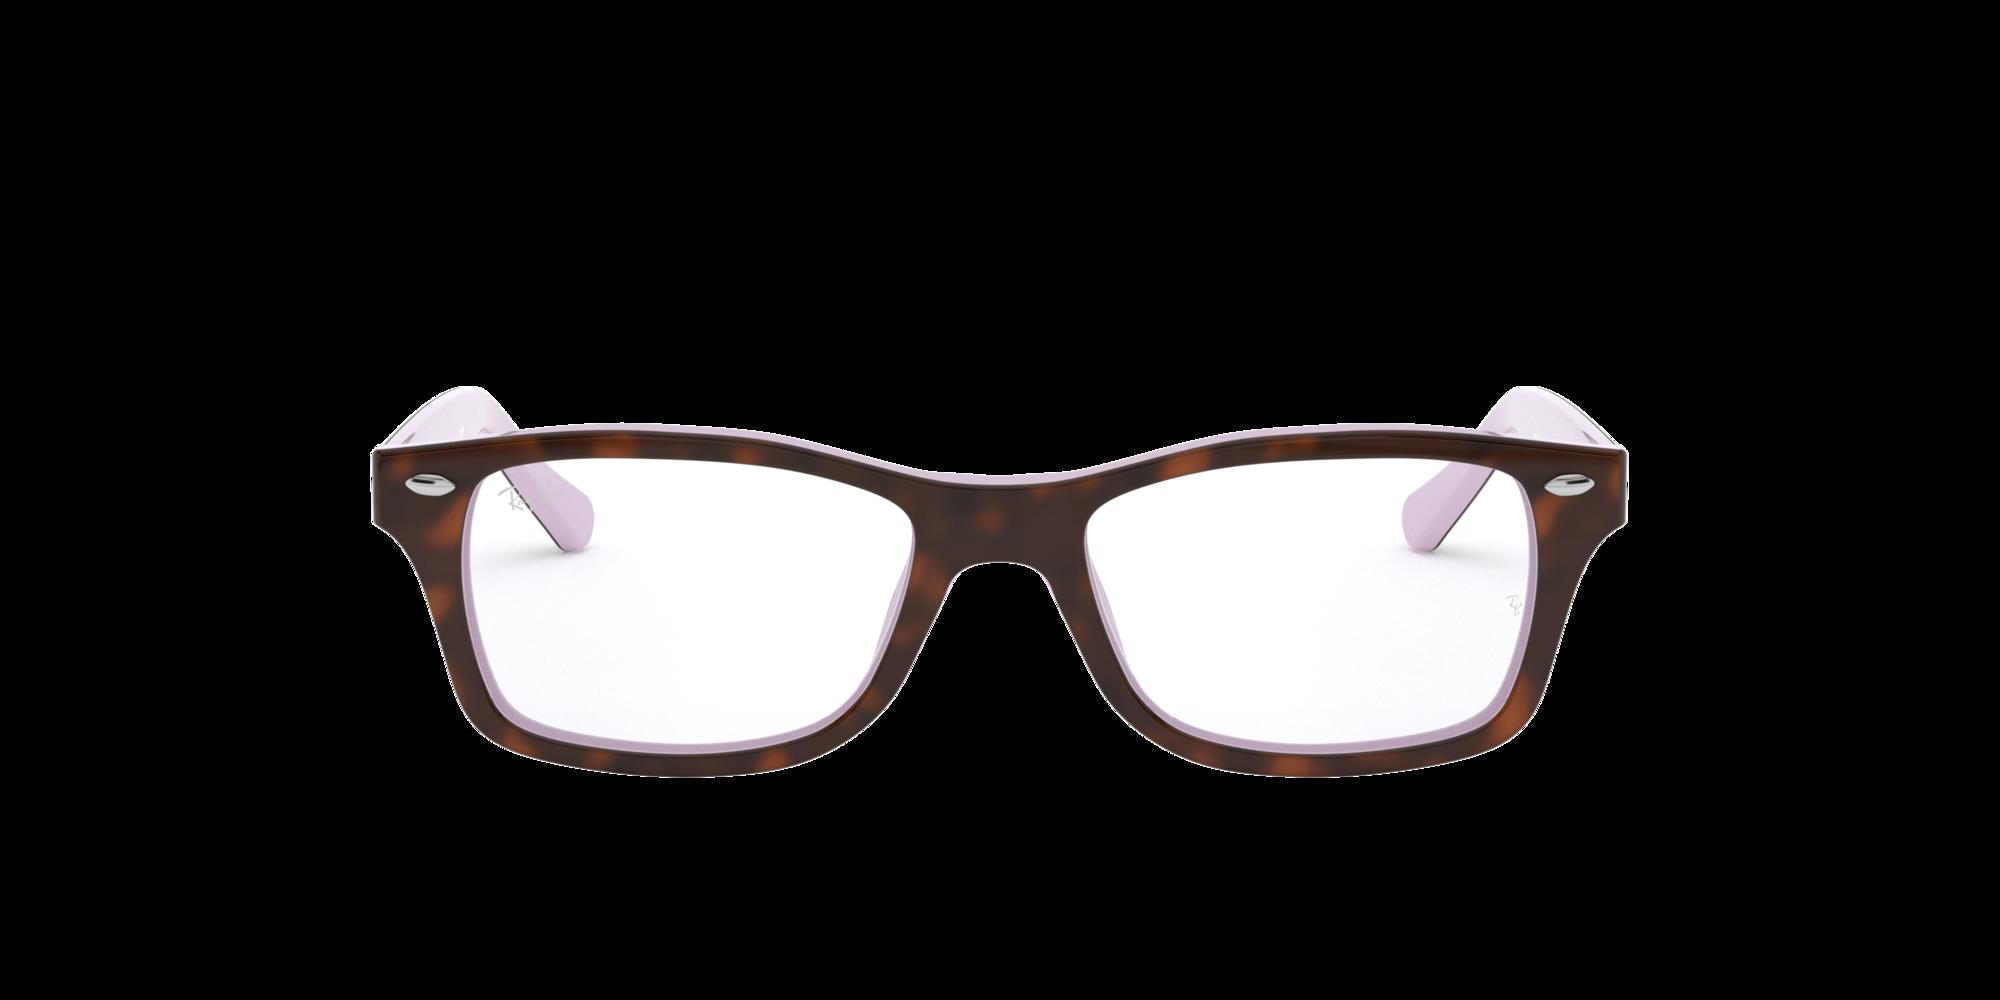 Imagen para RY1531 de LensCrafters    Espejuelos, espejuelos graduados en línea, gafas